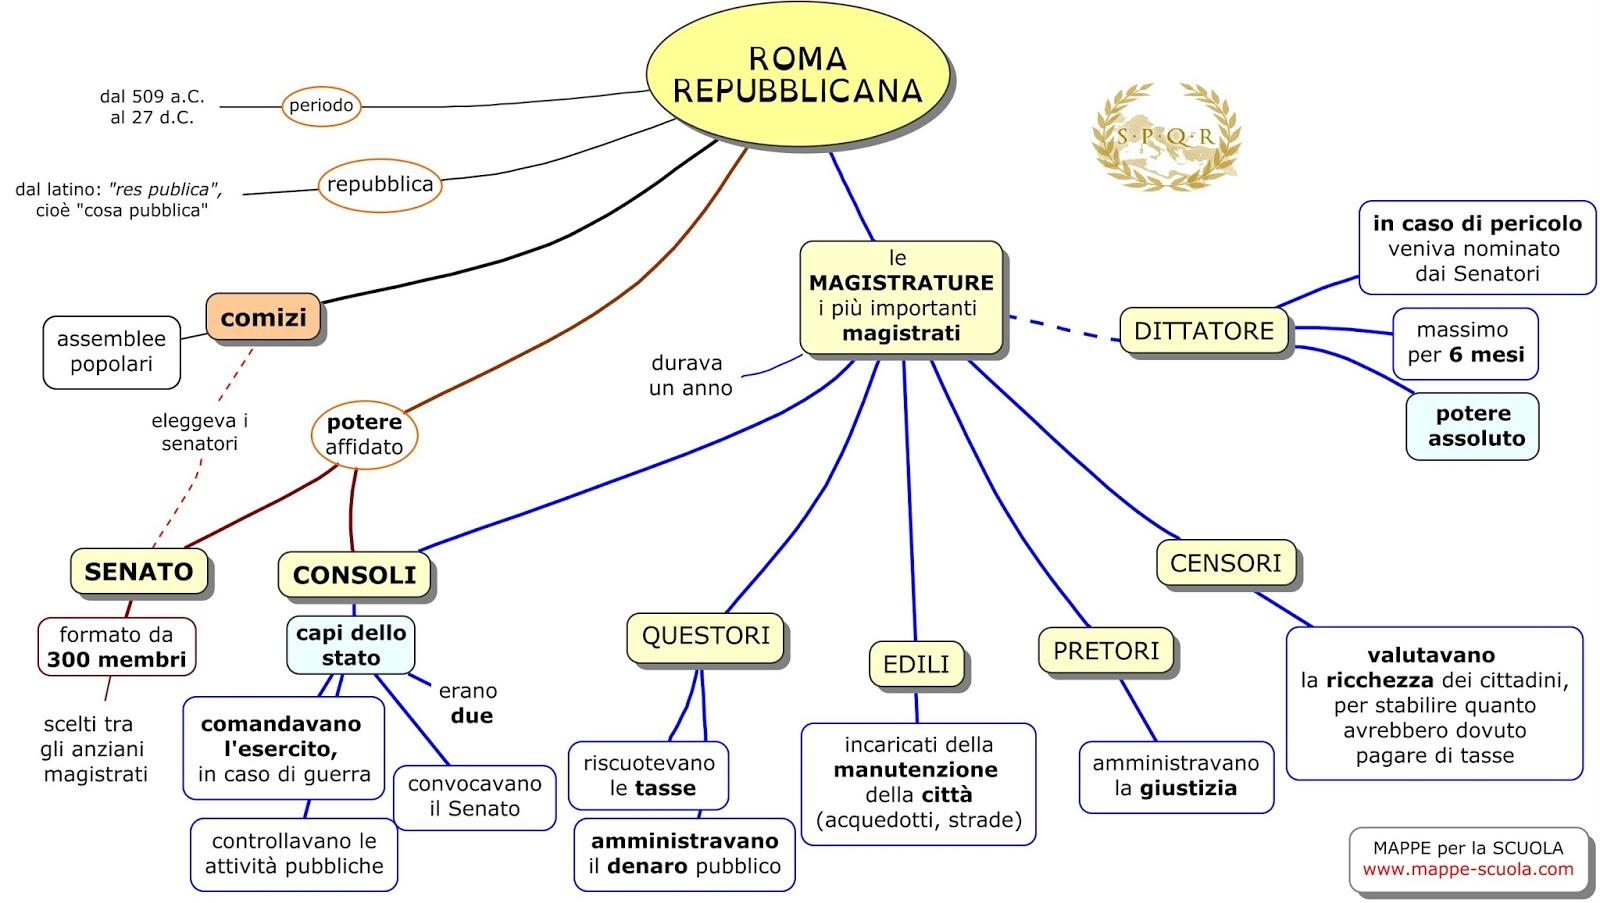 Mappe Per La Scuola Roma Repubblicana